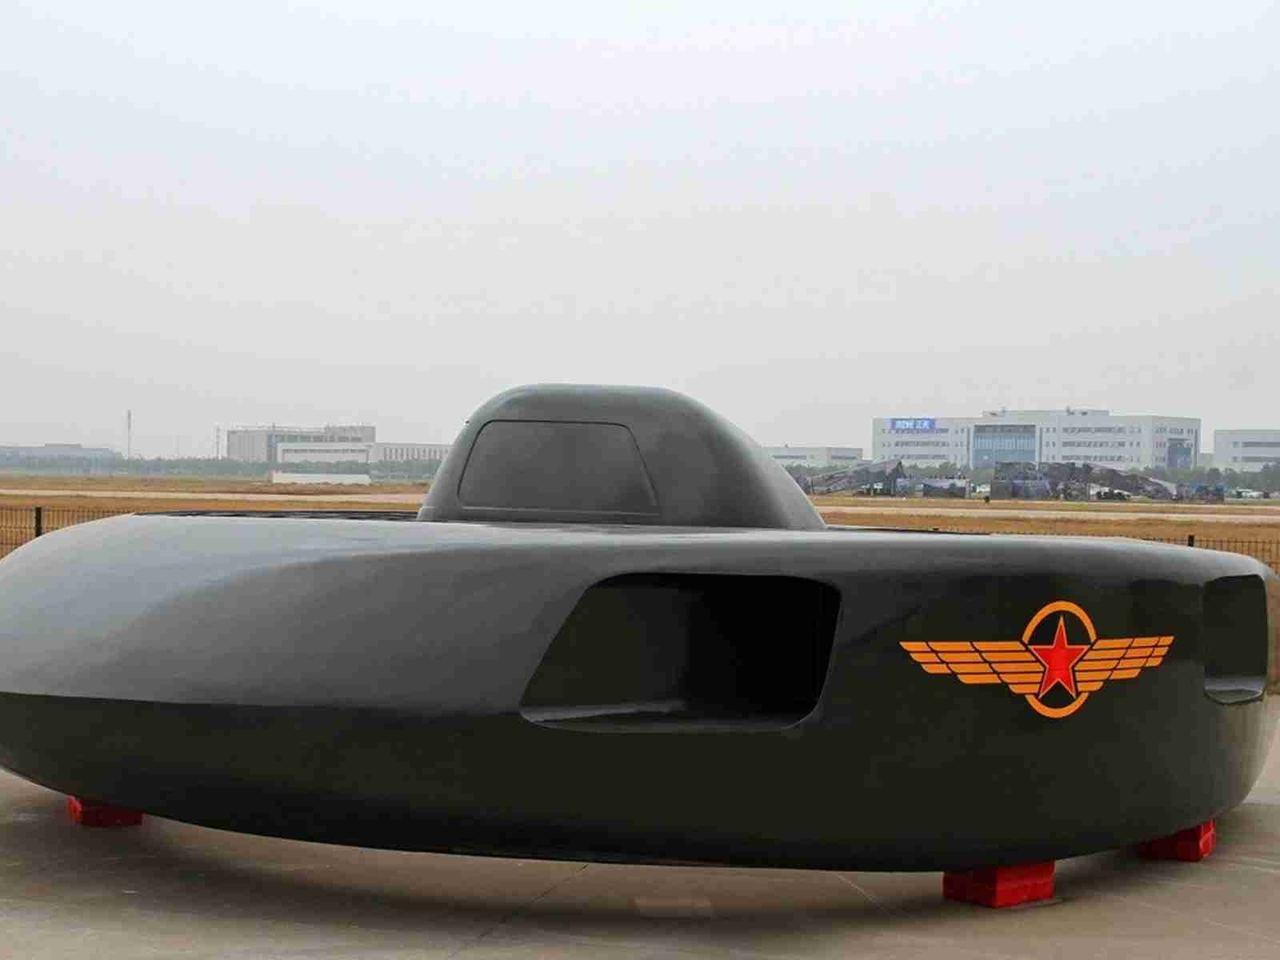 酷似飛碟的「超級大白鯊」武裝直升機亮相天津國際直升機博覽會。(VCG)